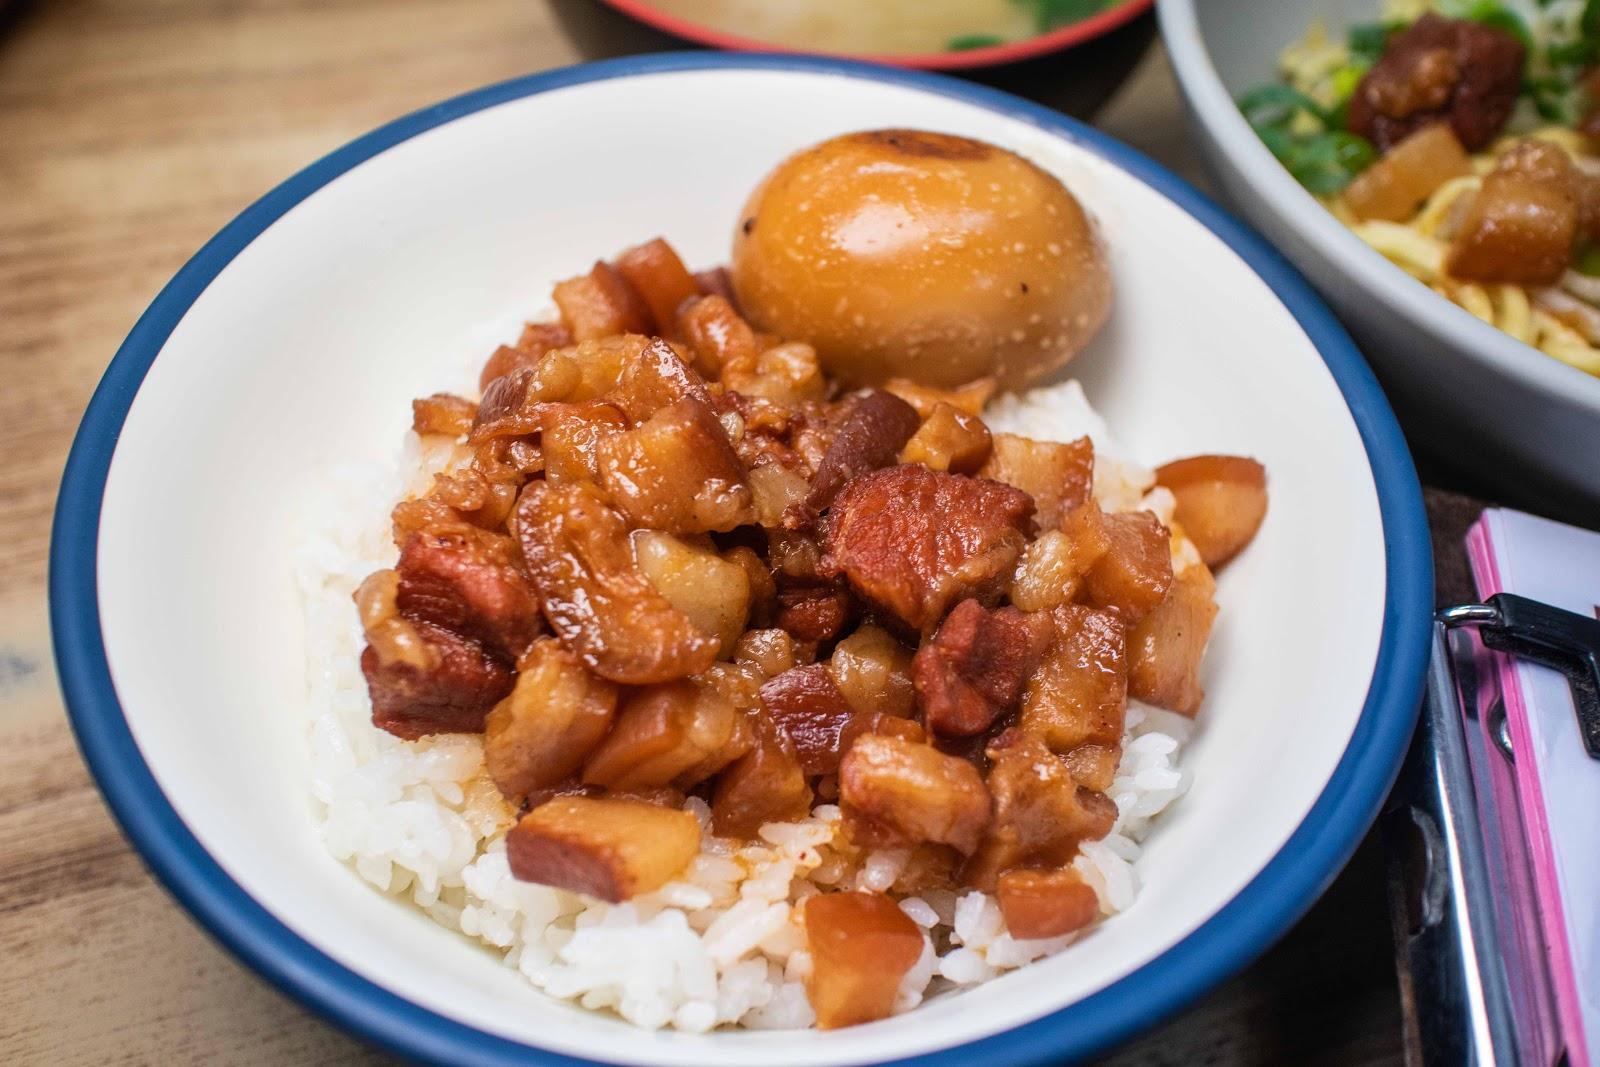 臺中小吃【向宏魯肉飯】東海美食!這肉塊太大了吧跟本是魯肉界的姚明!東海人必吃的魯肉飯妳吃過了嗎?